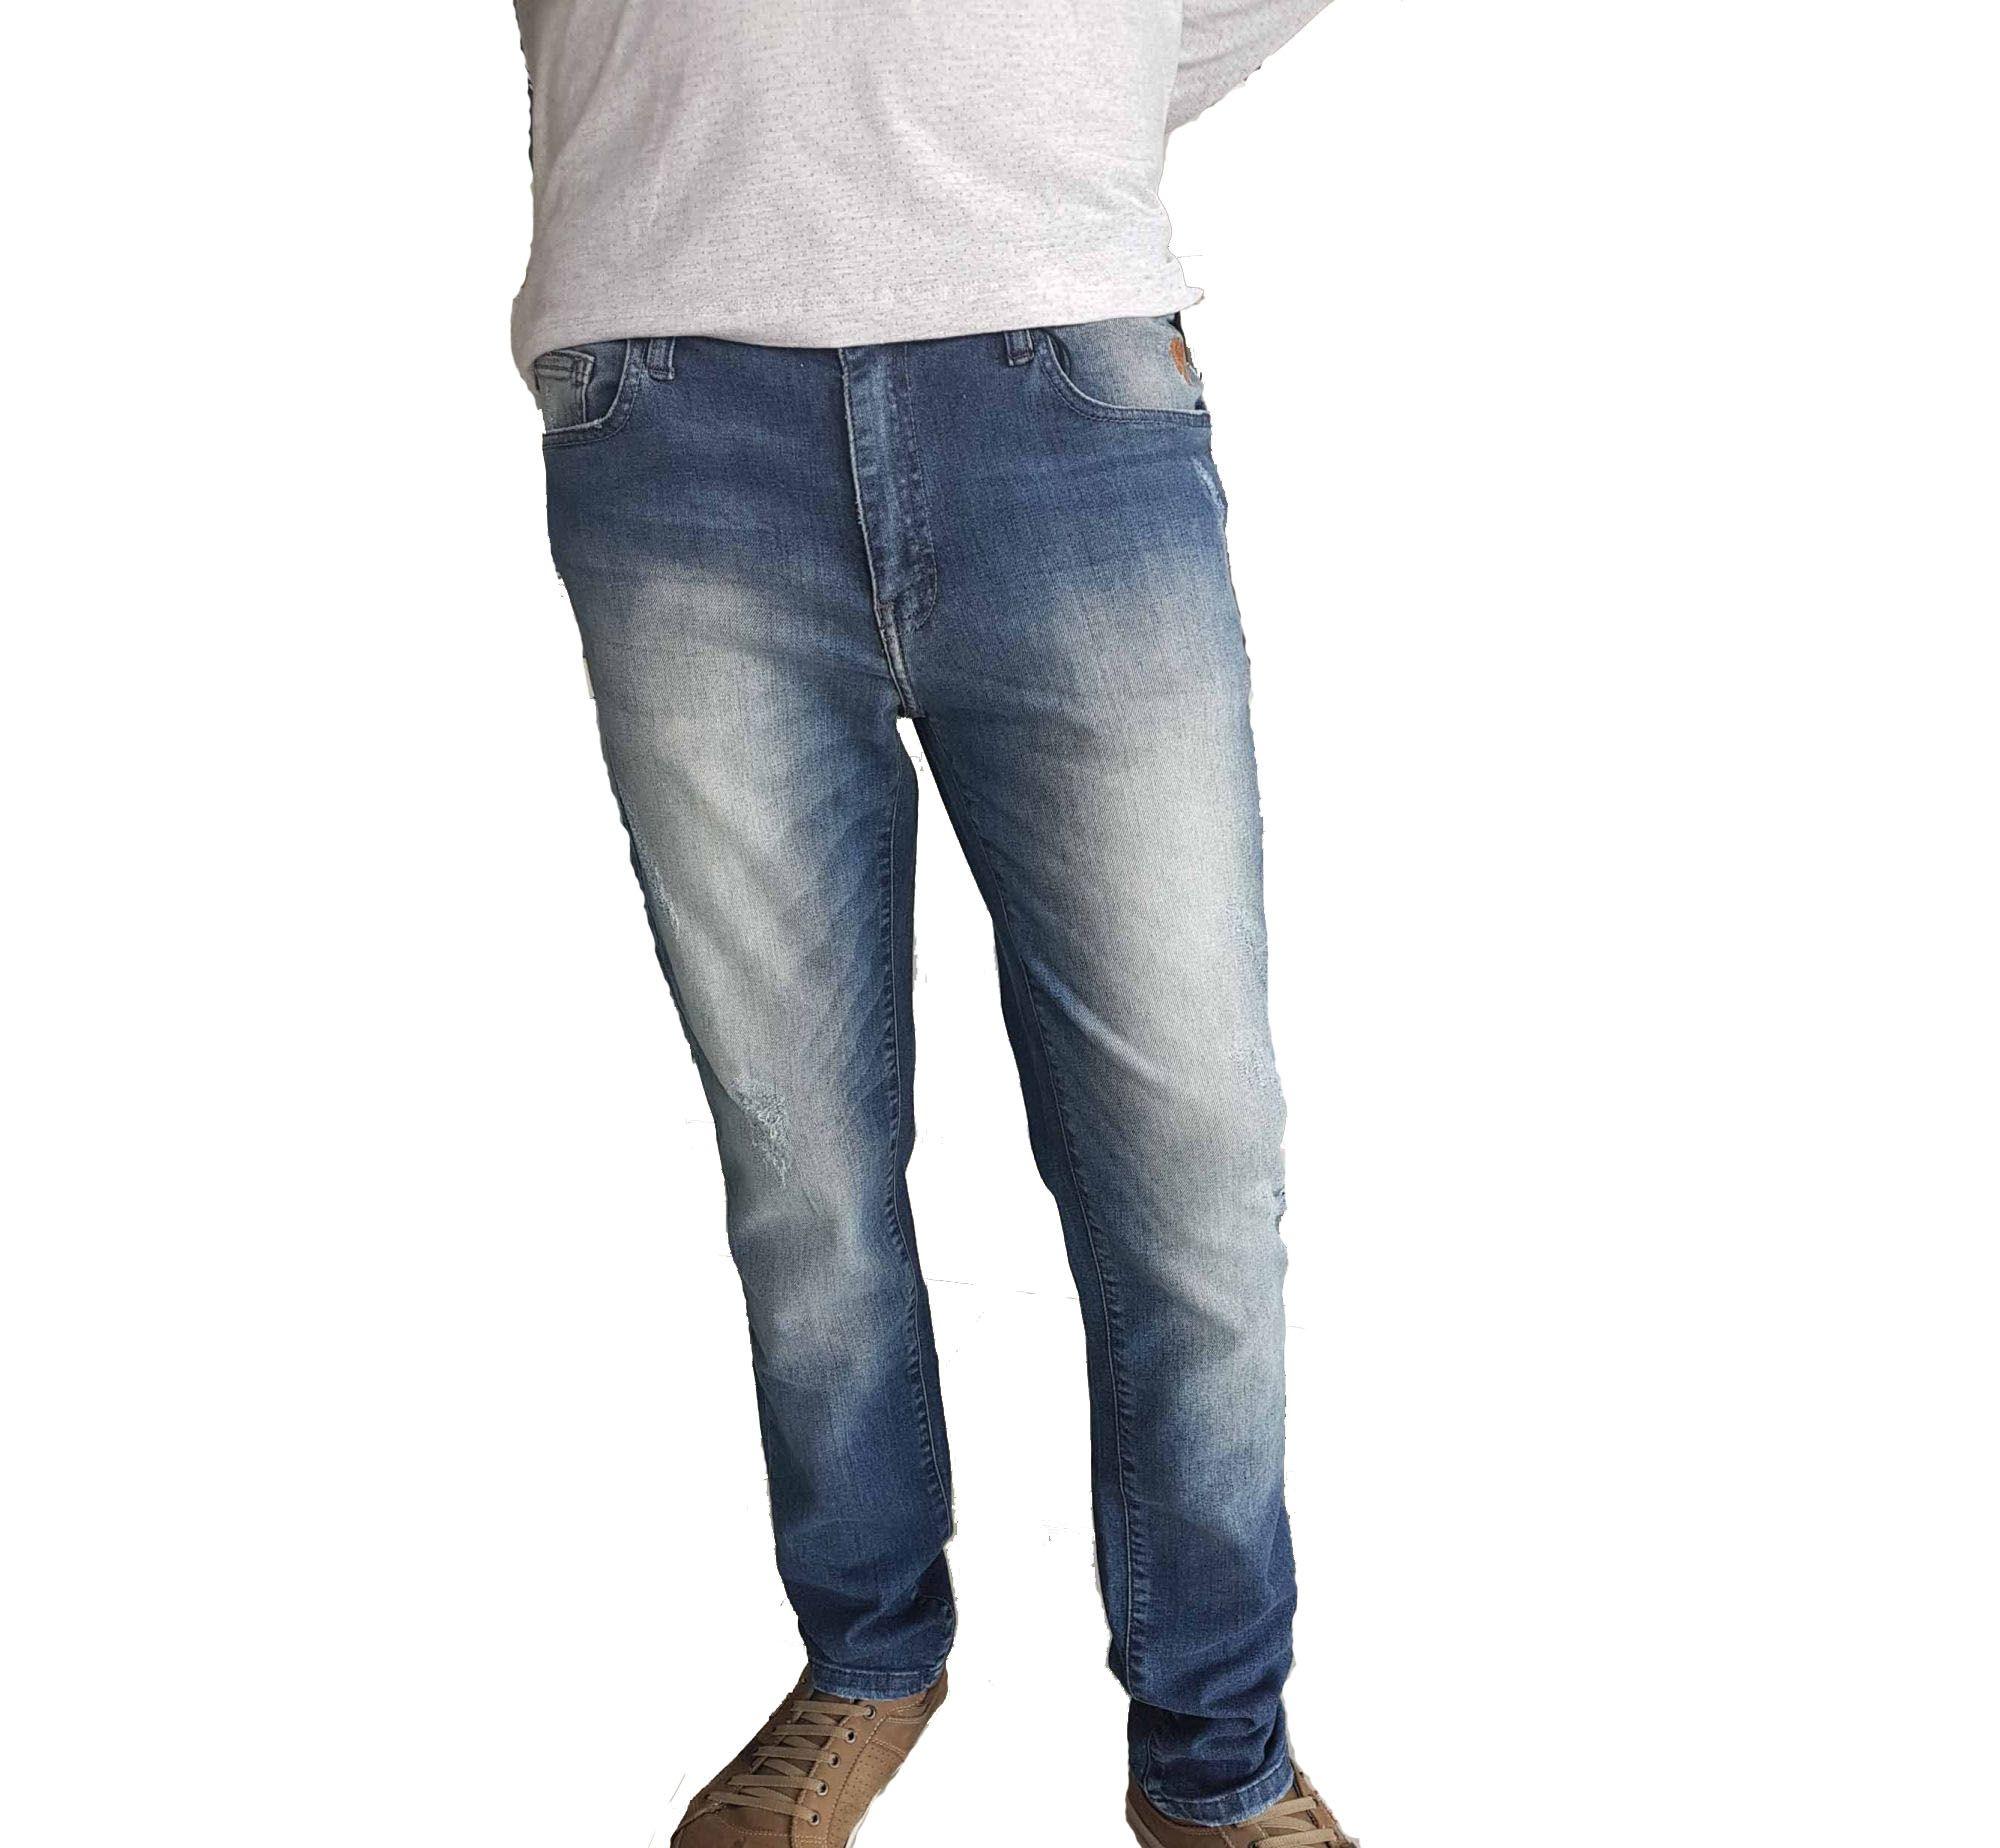 Calça Cavalera Masculina Jeans Skinny Azul